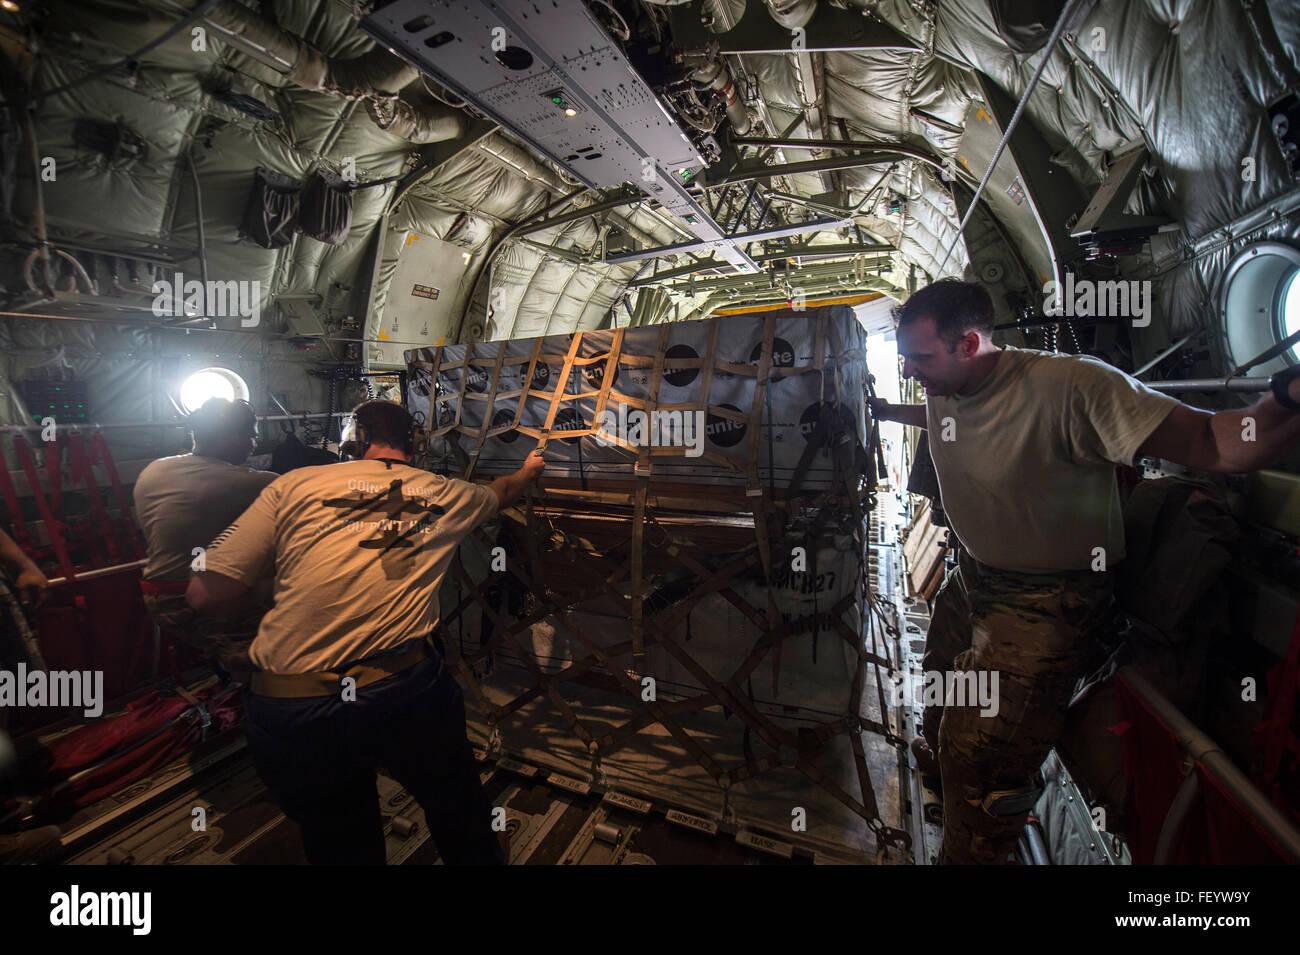 Stati Uniti Air Force loadmasters dal settantacinquesimo Expeditionary squadrone di trasporto aereo cargo di carico Immagini Stock